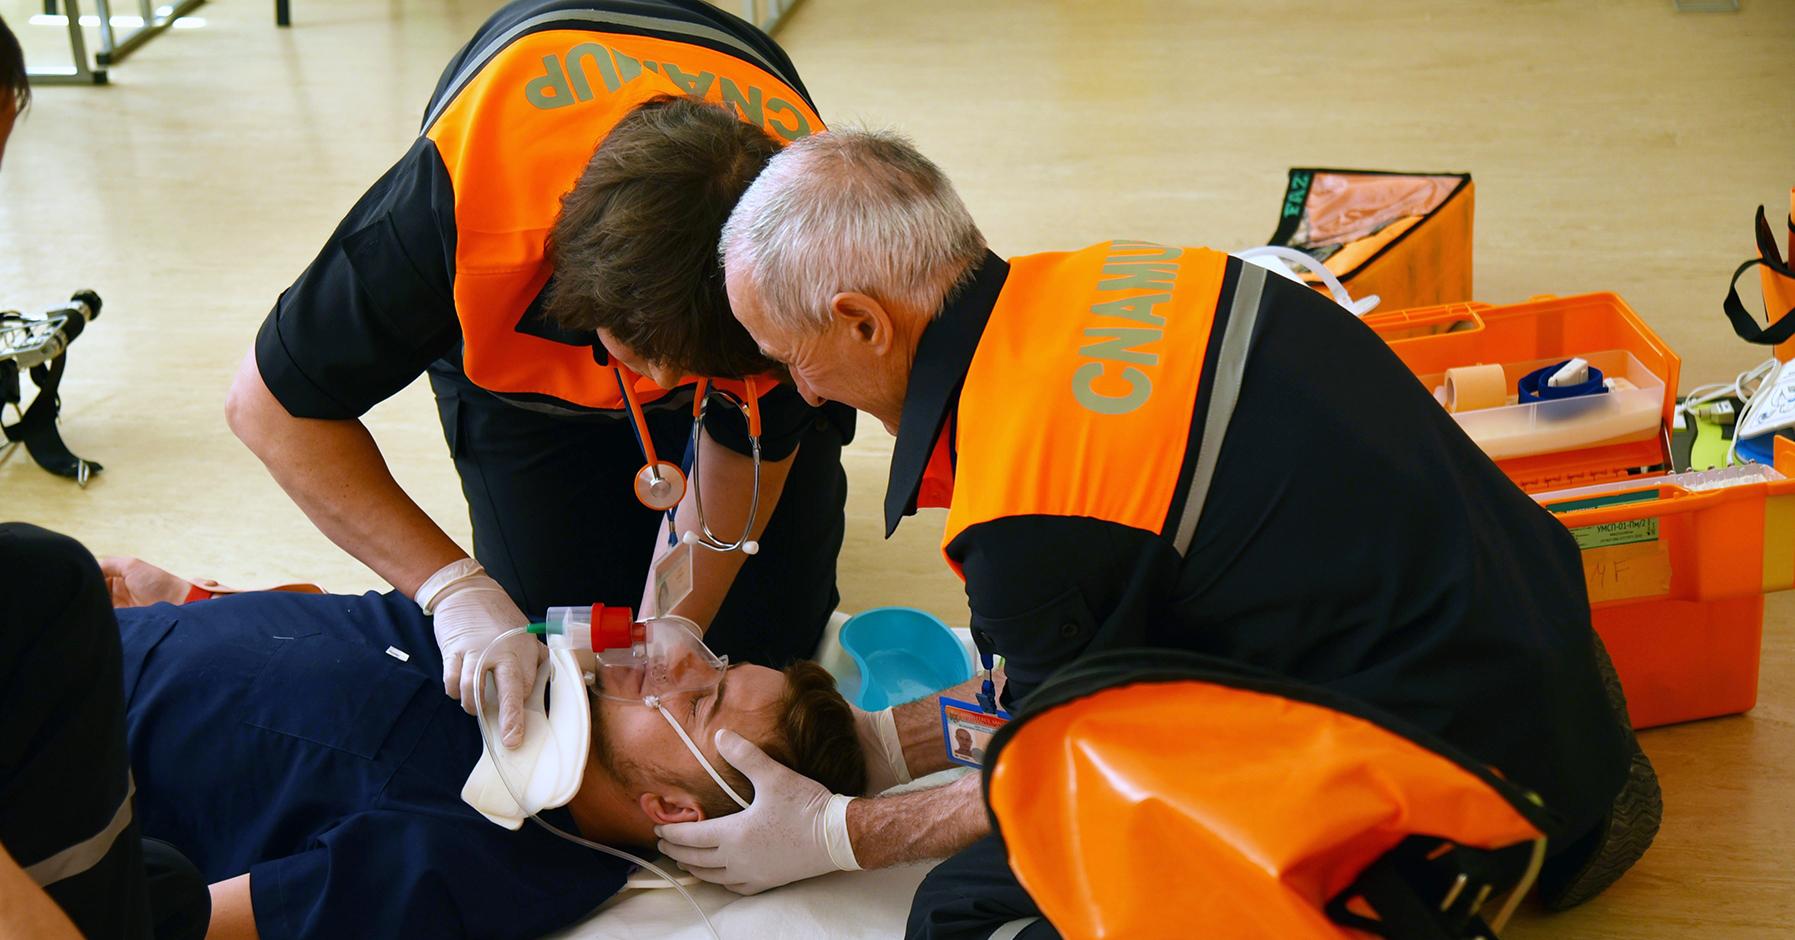 Activitatea Serviciului de Asistență Medicală Urgentă Prespitalicească în ultimele 72 de ore